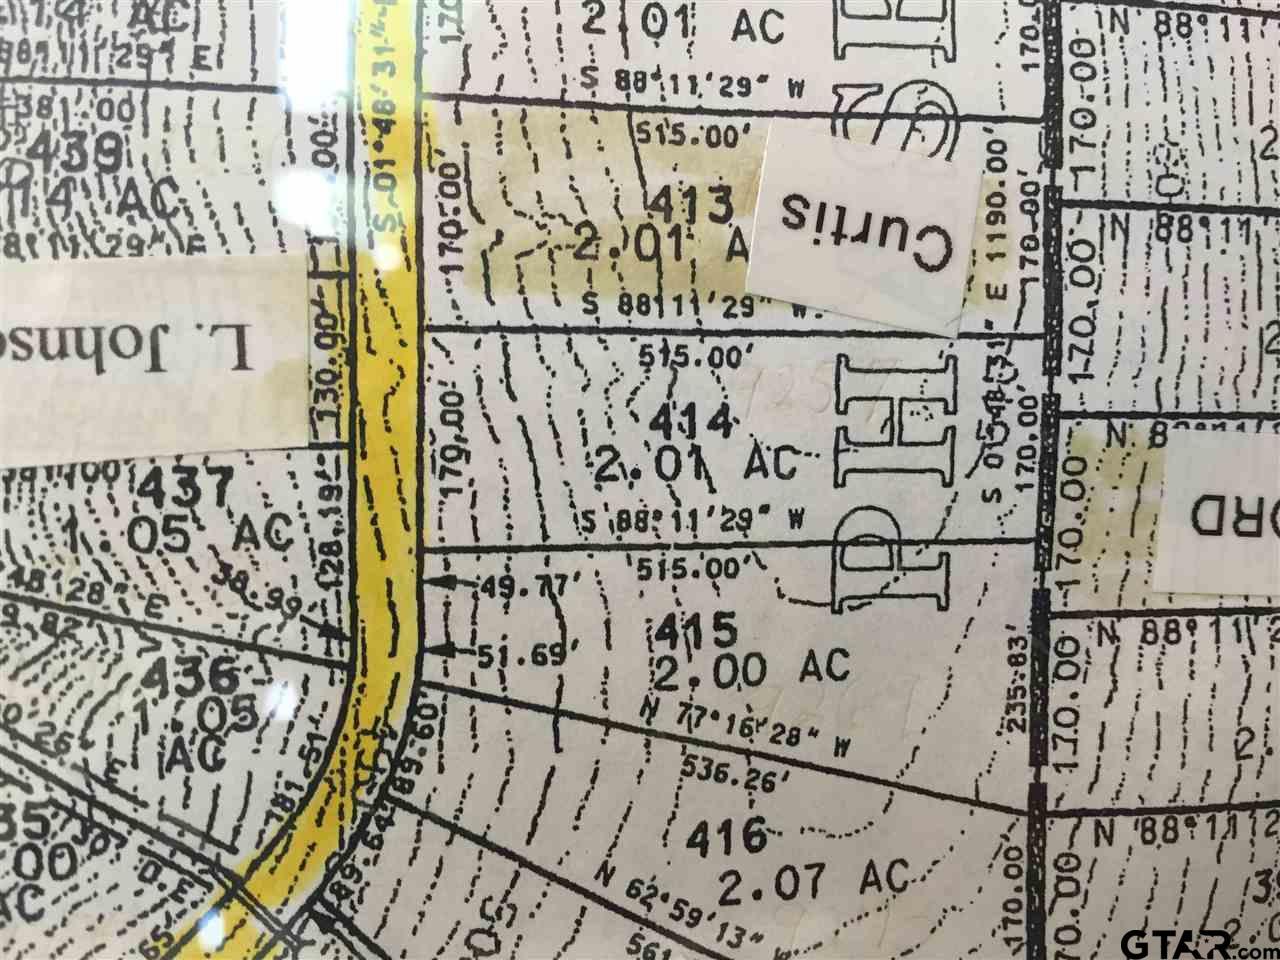 9269 Safari Bluff Dr (Lot 415), LaRue, TX 75770